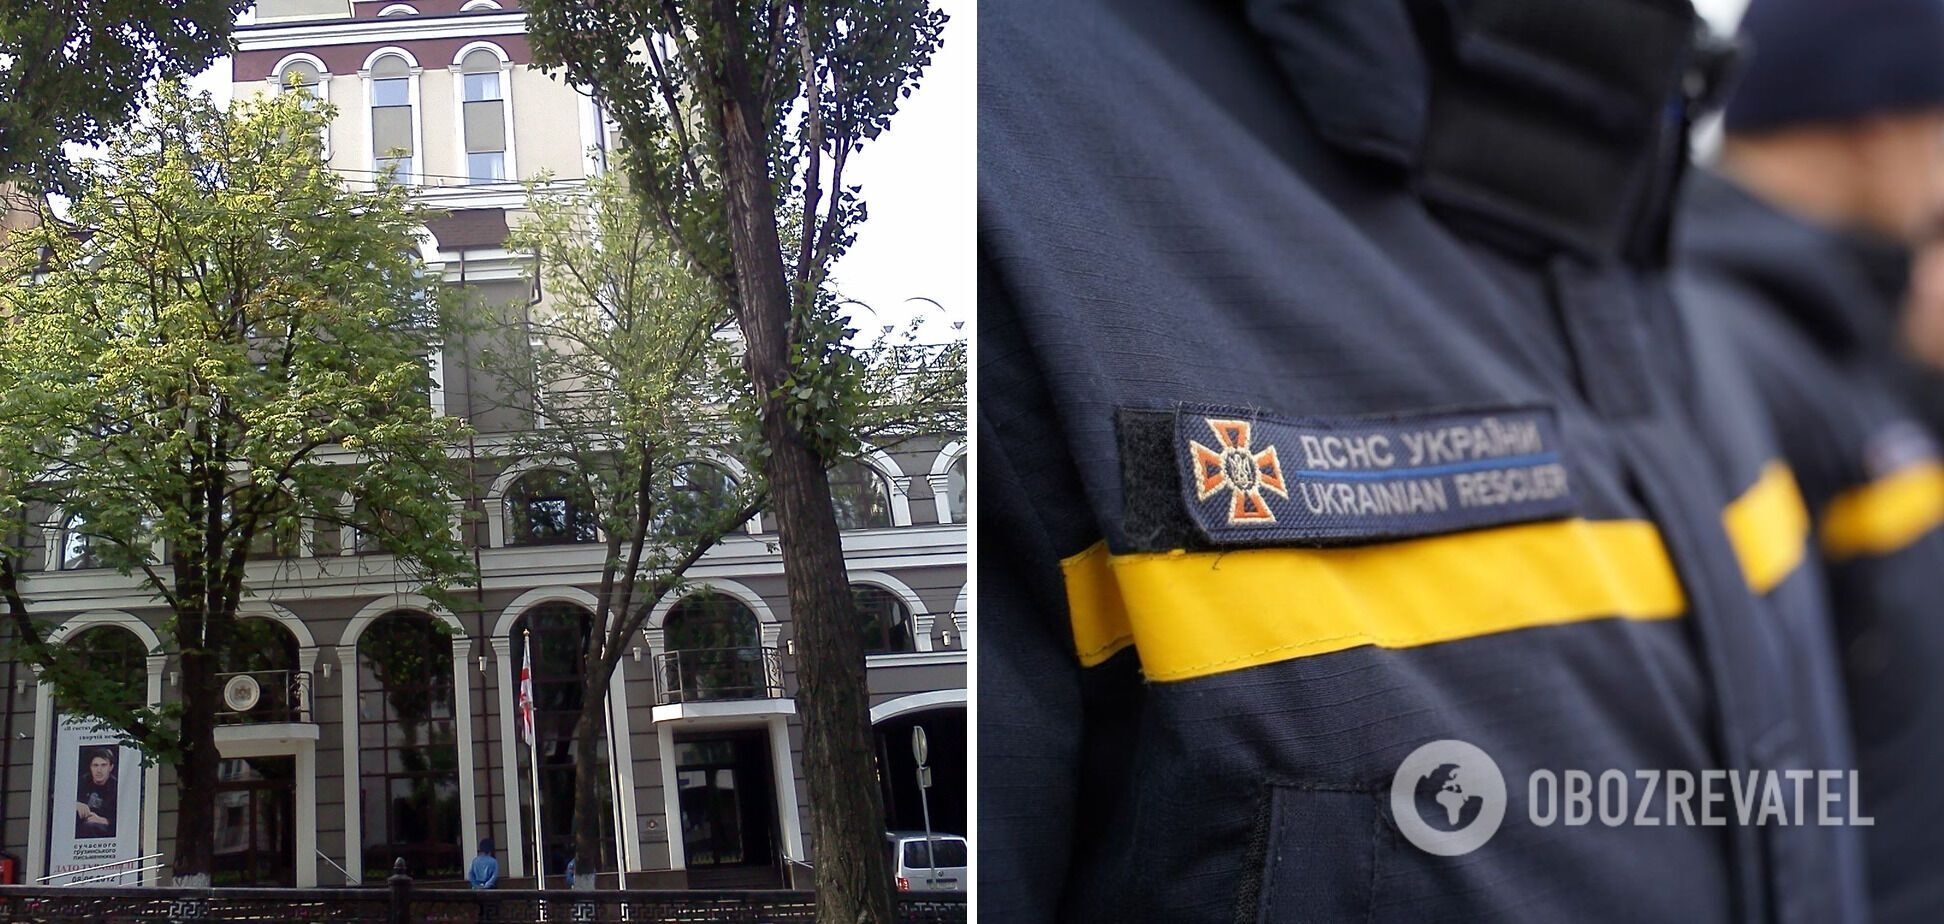 Неизвестные подожгли служебный автомобиль посольства Грузии в Украине: спасатели ликвидировали огонь